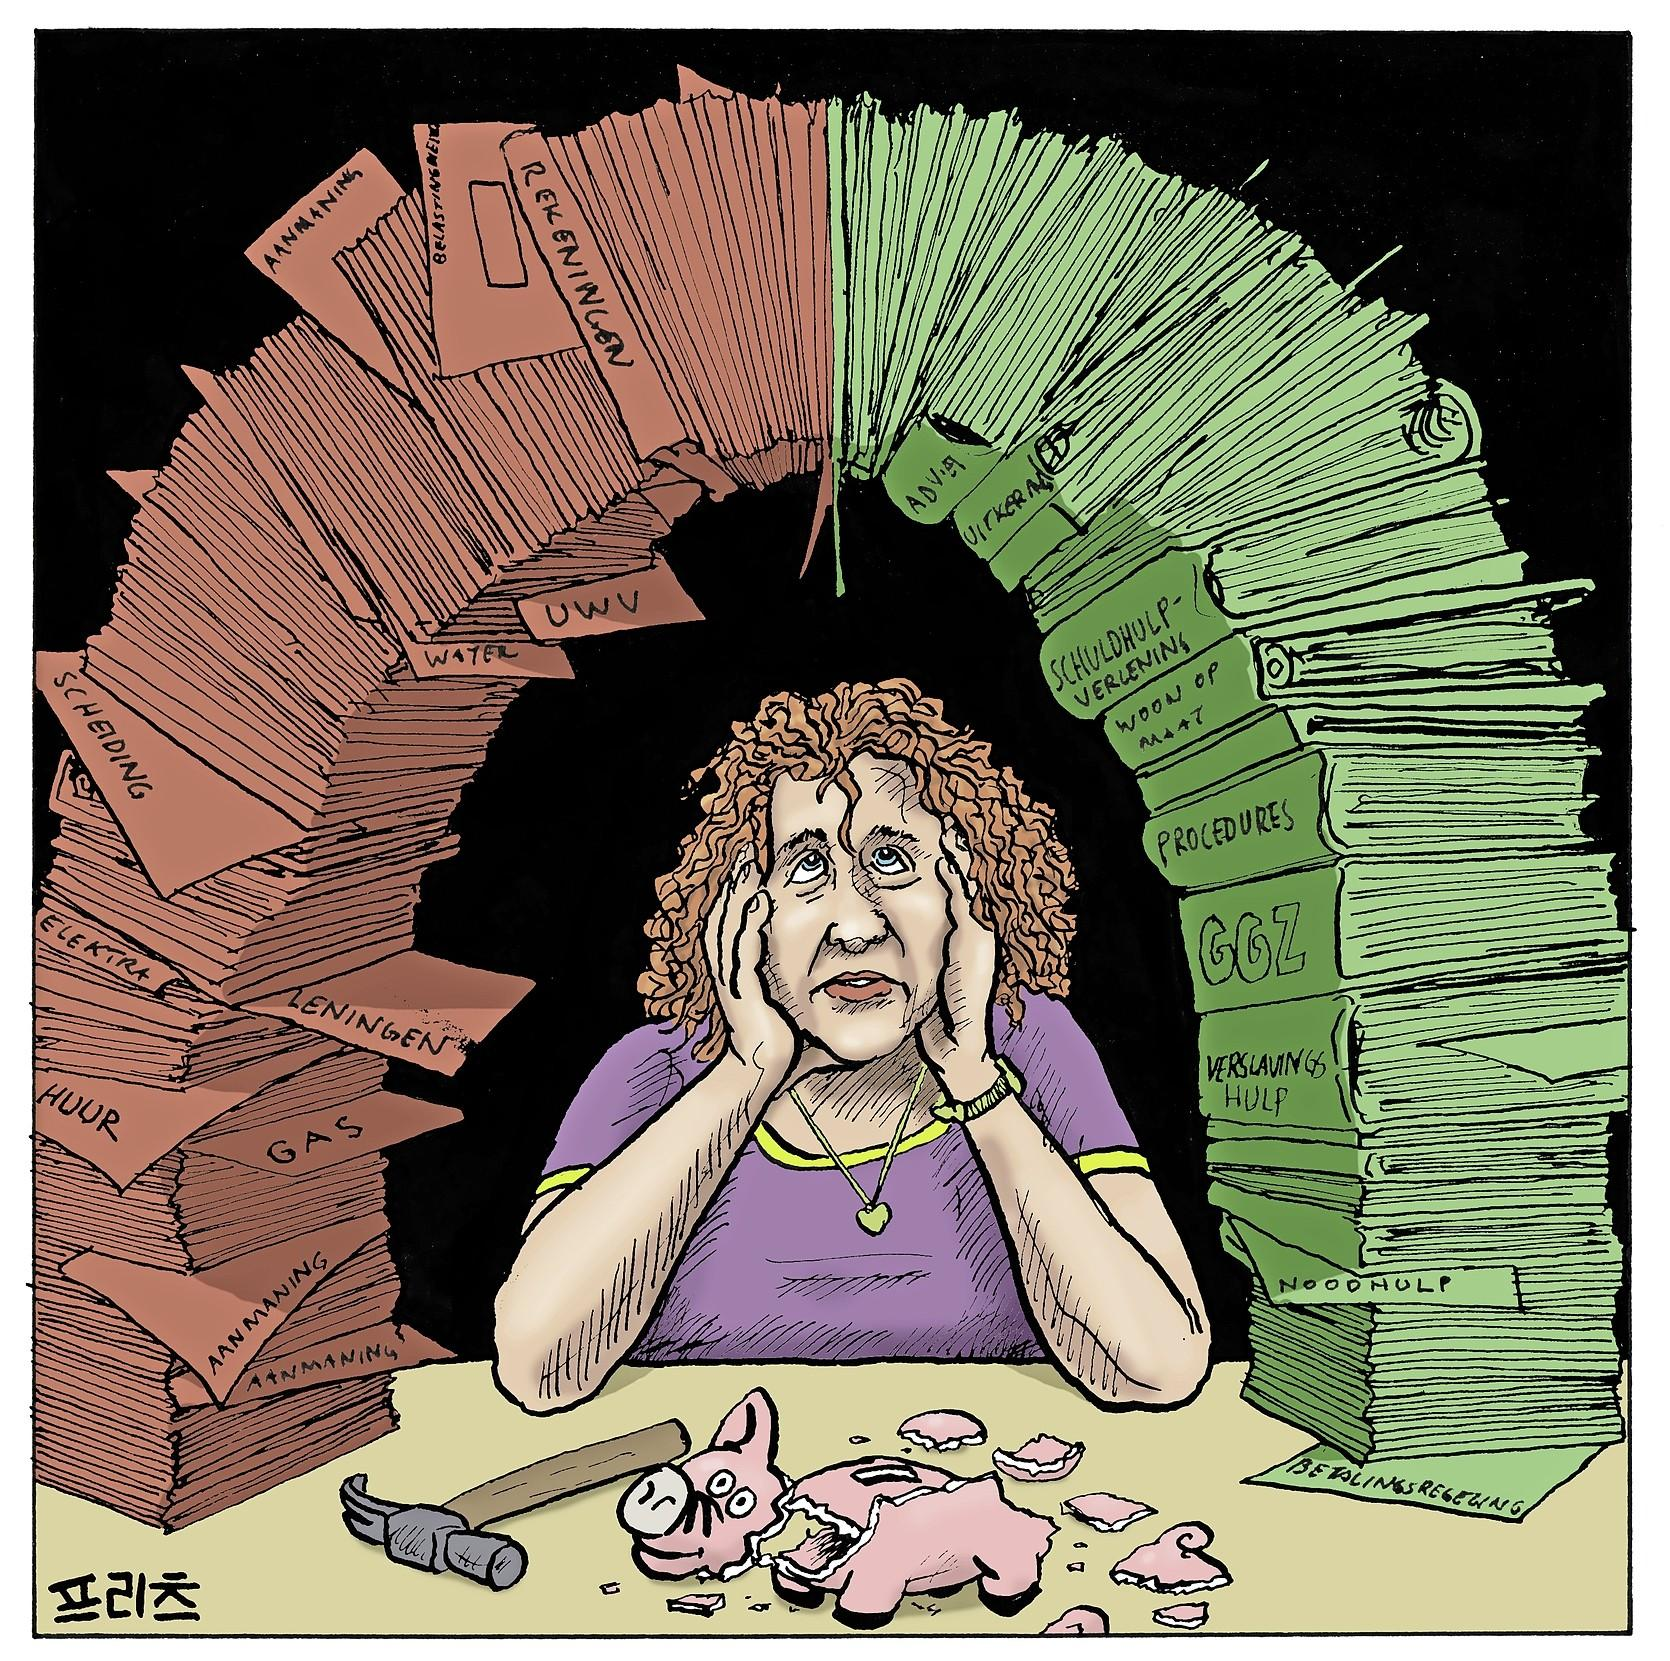 Woonopmaat ziet betalingsregelingen sterk oplopen: 'Dat gebeurt als huurders door hun buffers heen raken en er geen potjes van de overheid meer zijn om hen te compenseren'